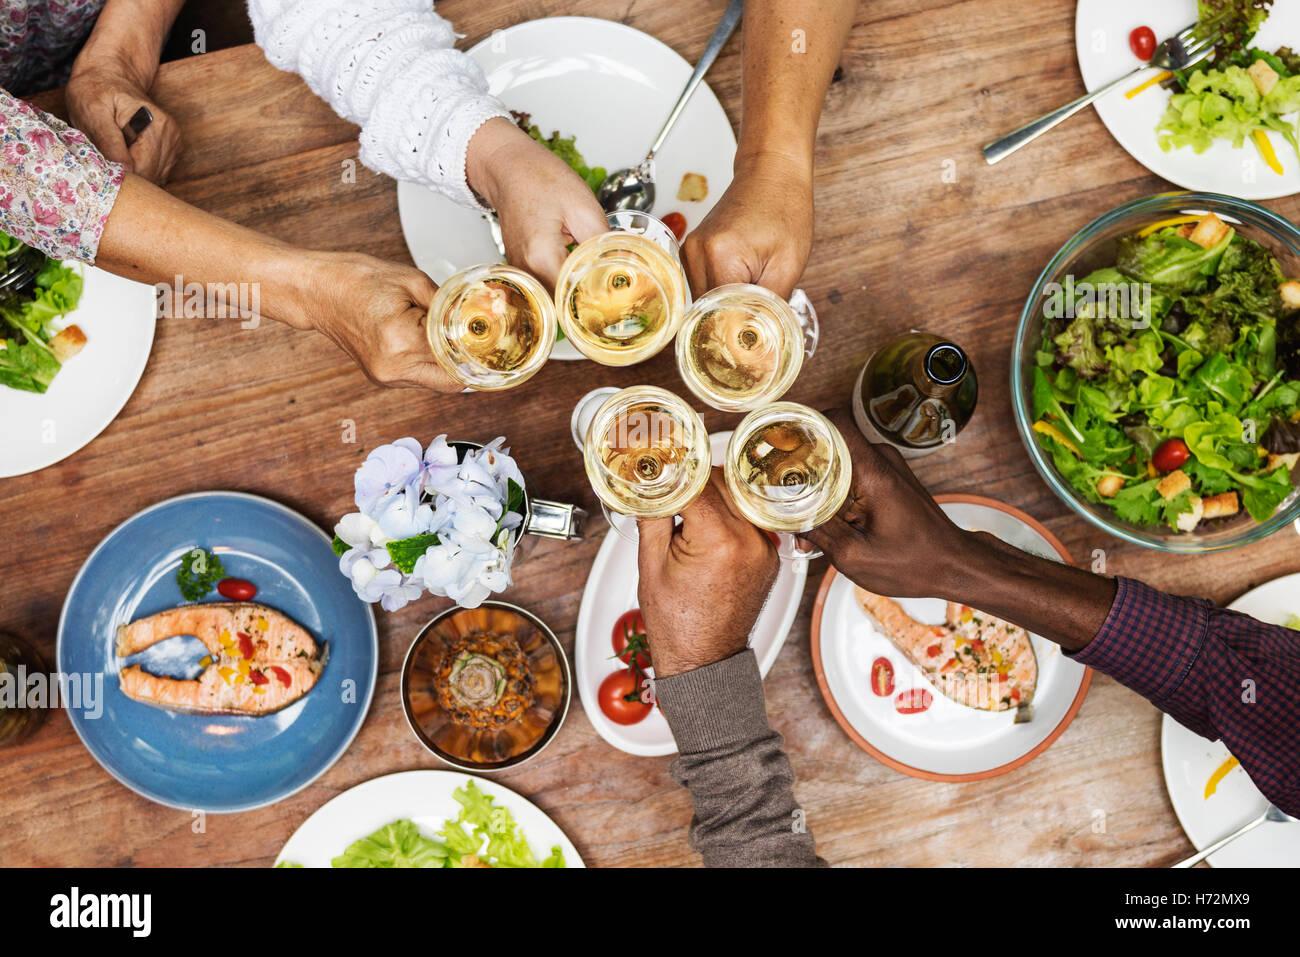 Le bonheur d'amis appréciant Manger Manger Concept Photo Stock